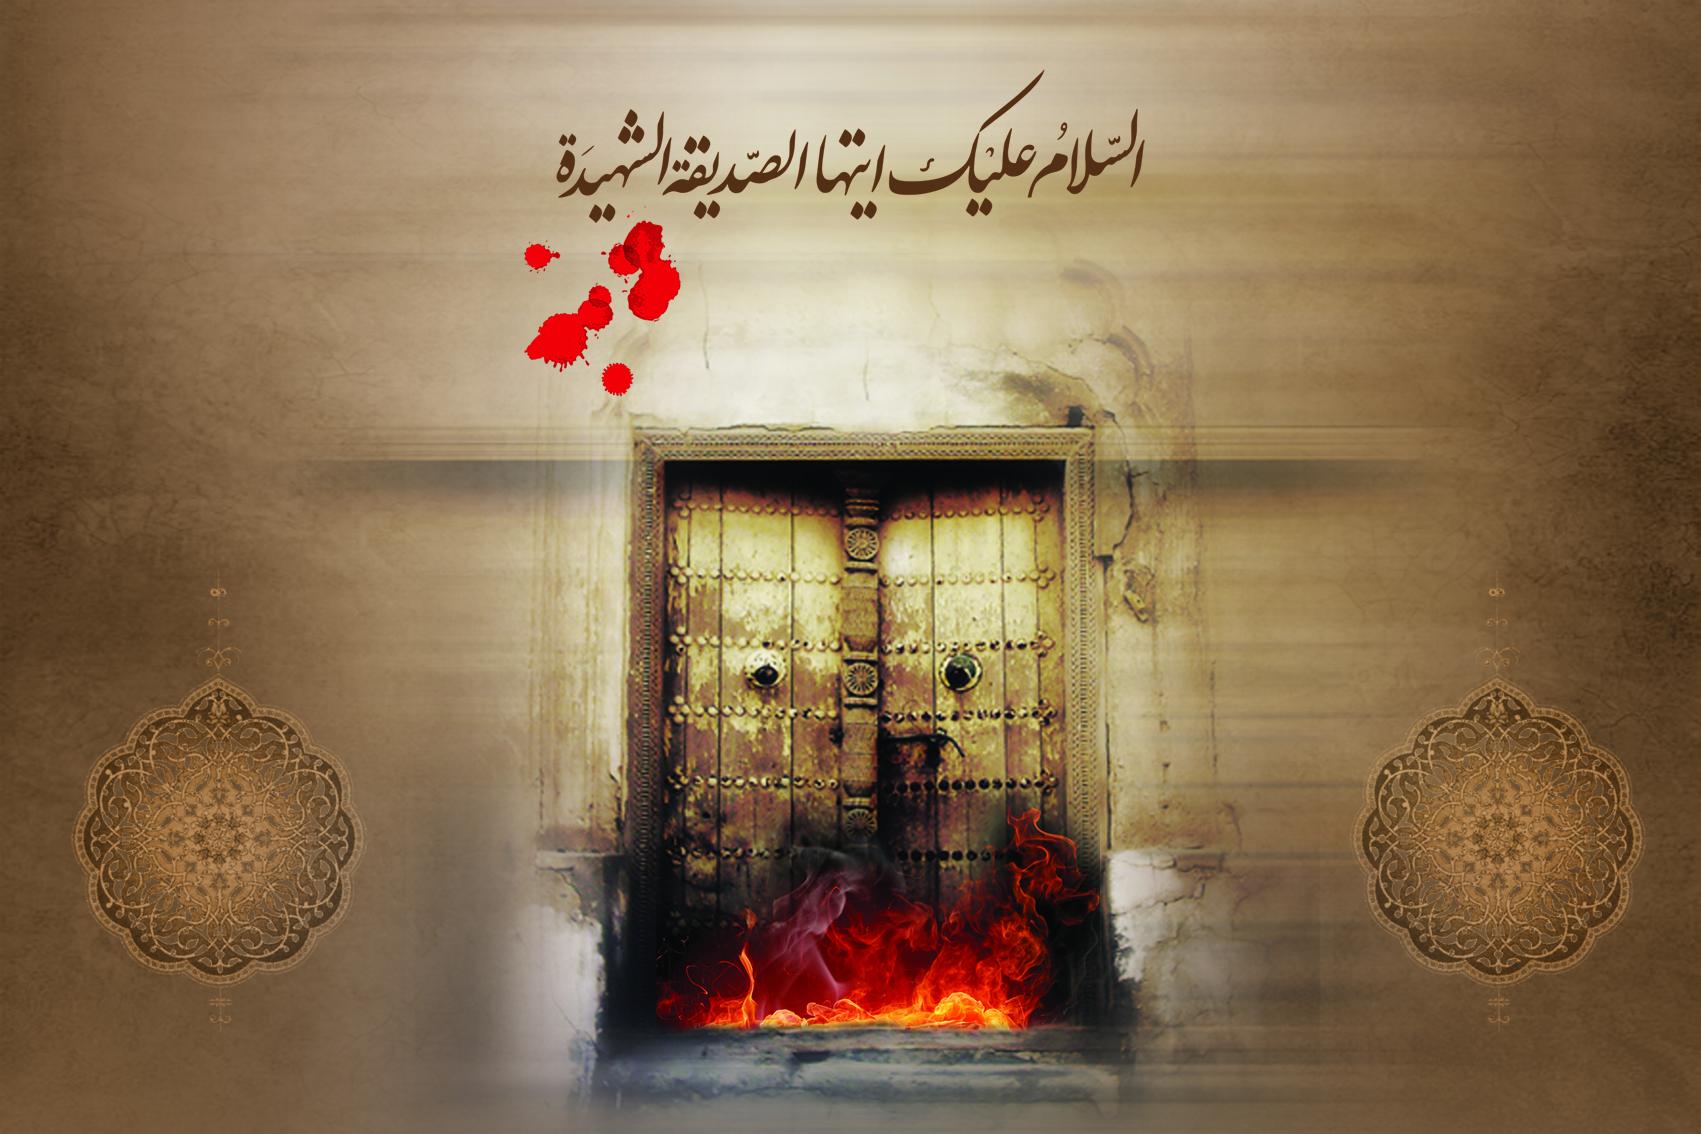 السلام علیک ایتها الصدیقة الشهدة